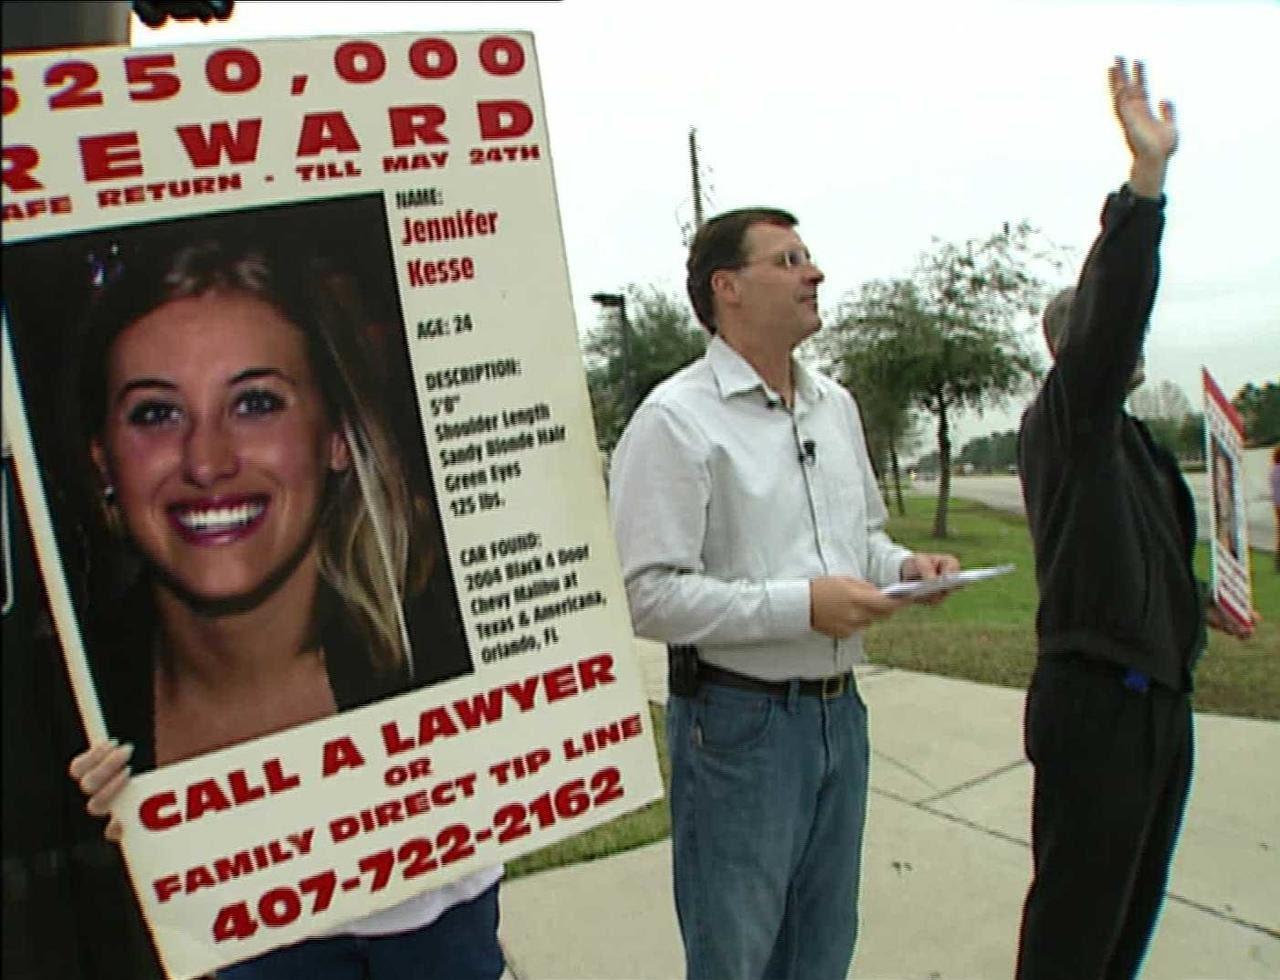 Parents of Jennifer Kesse take over investigation in hopes of solving missing daughter's case